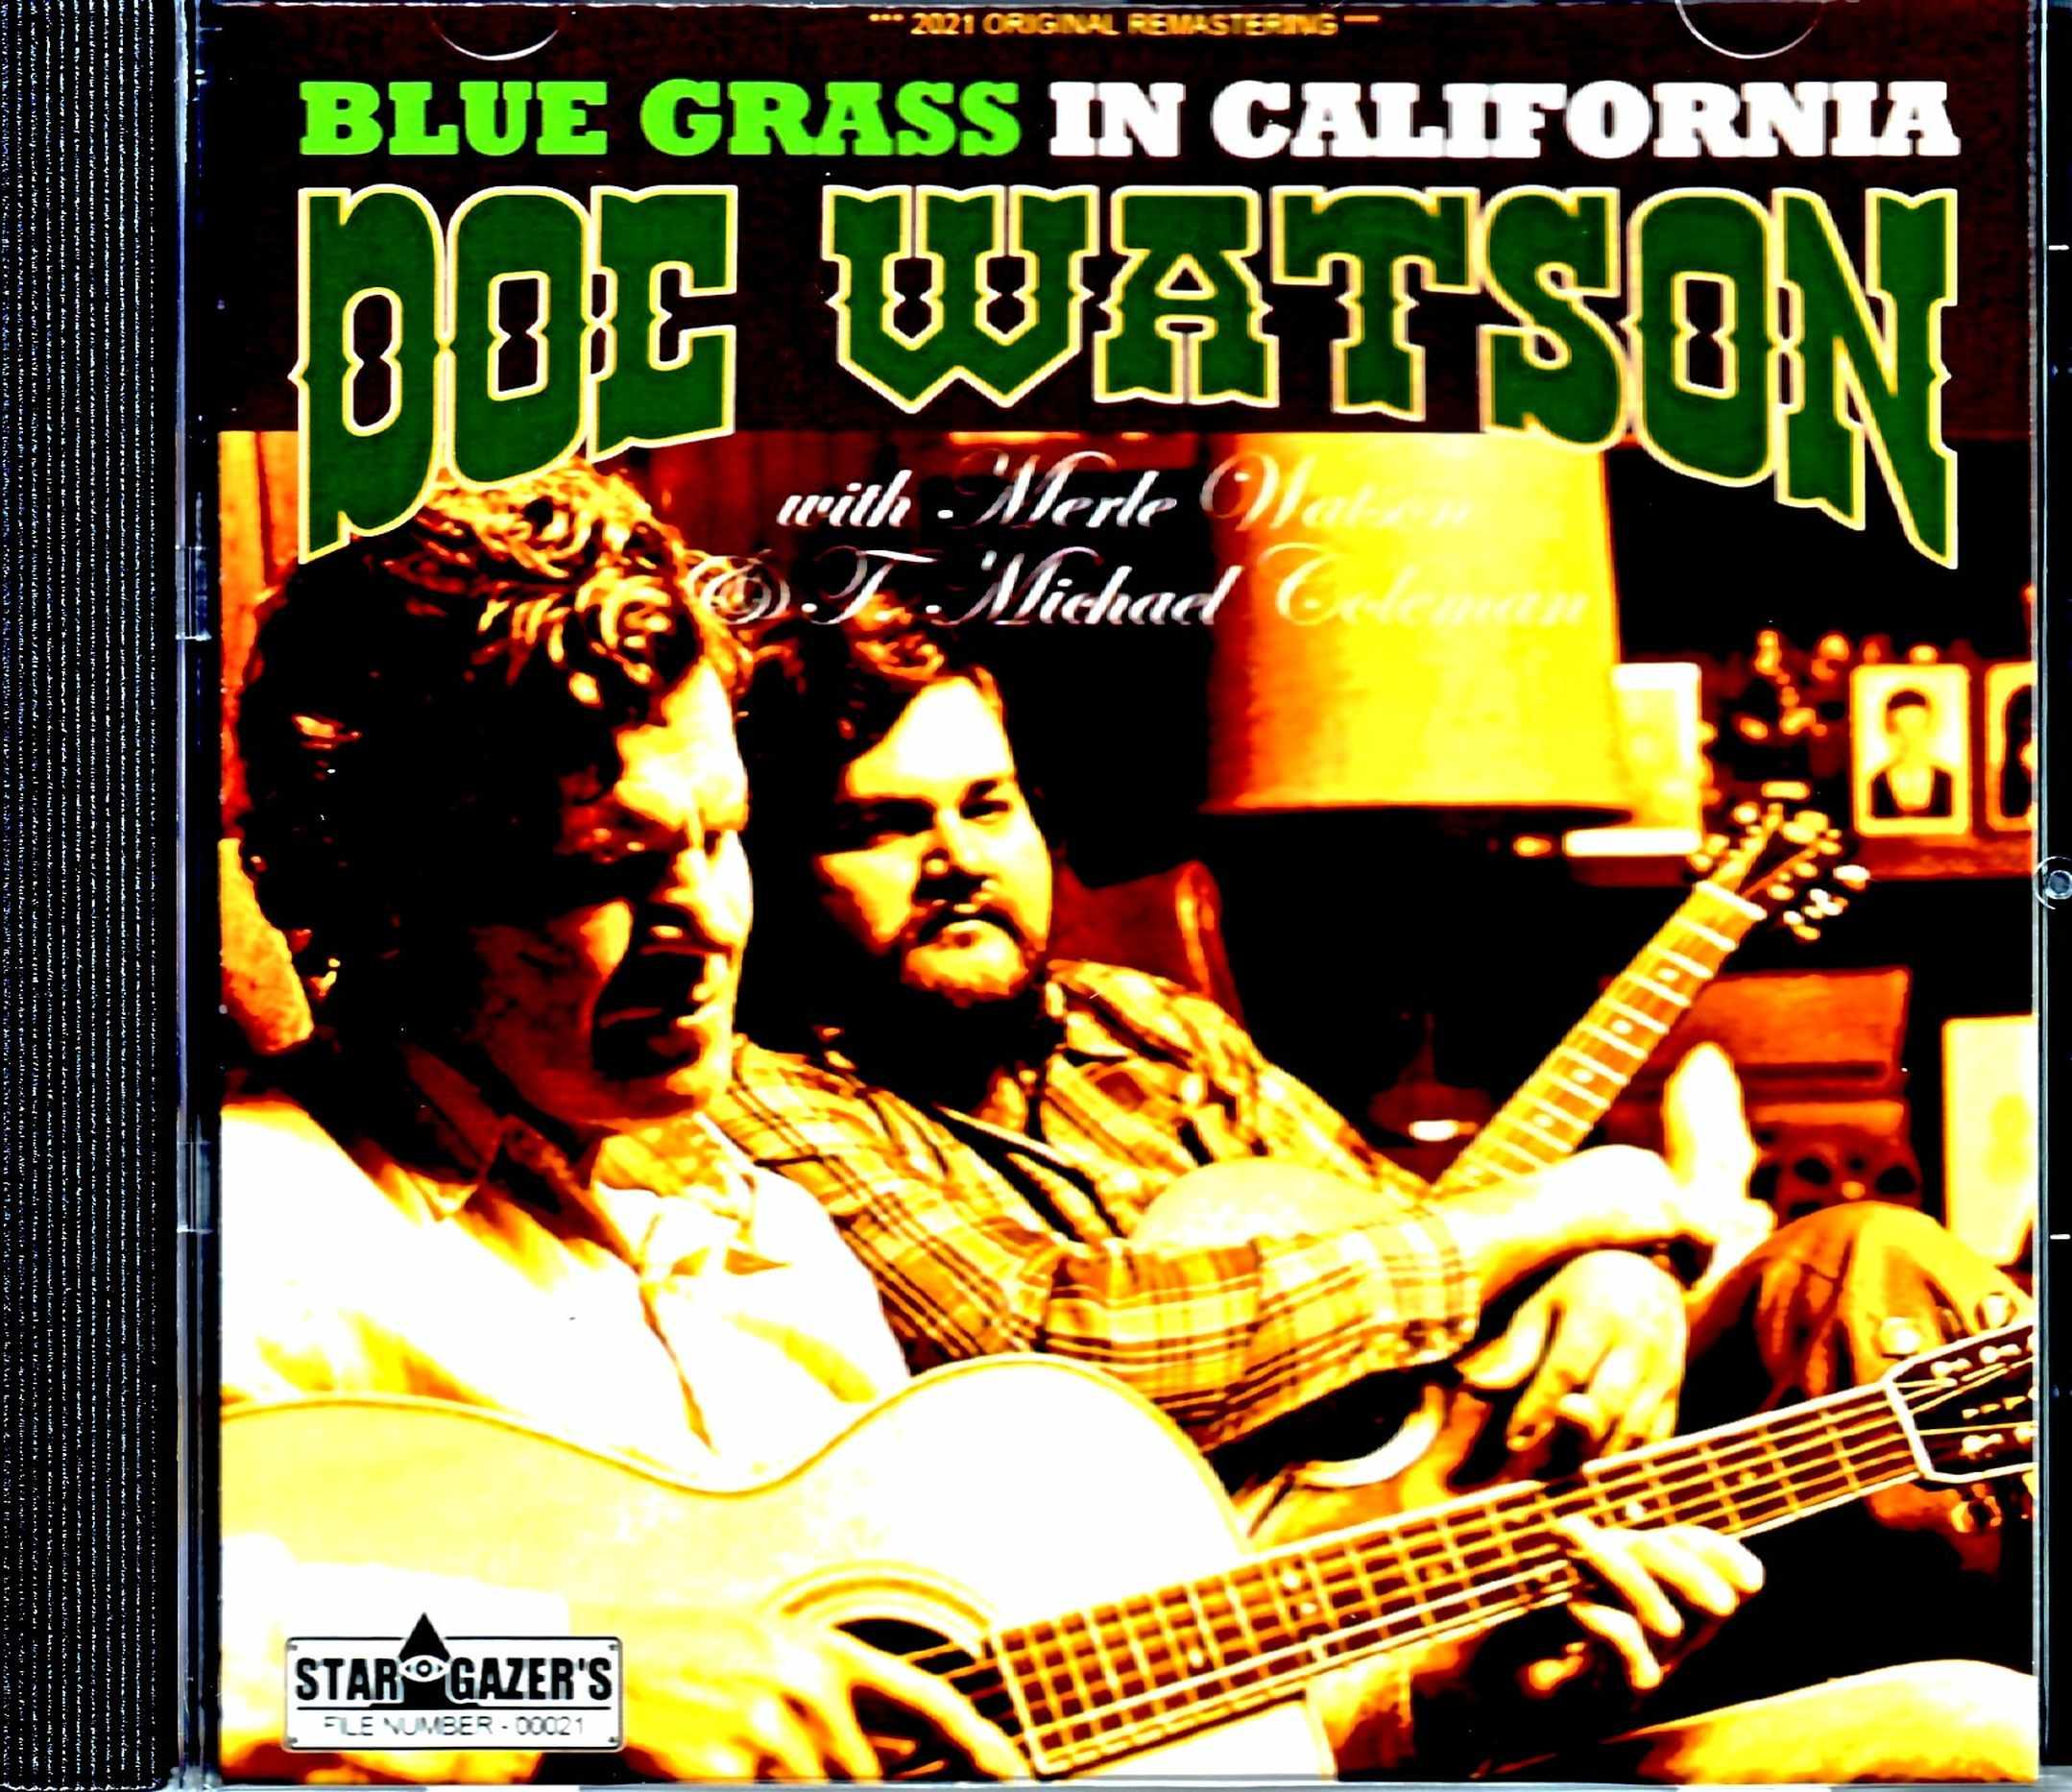 Dog Watoson,T. Michael Coleman ドグ・ワトソン/CA,USA 1982